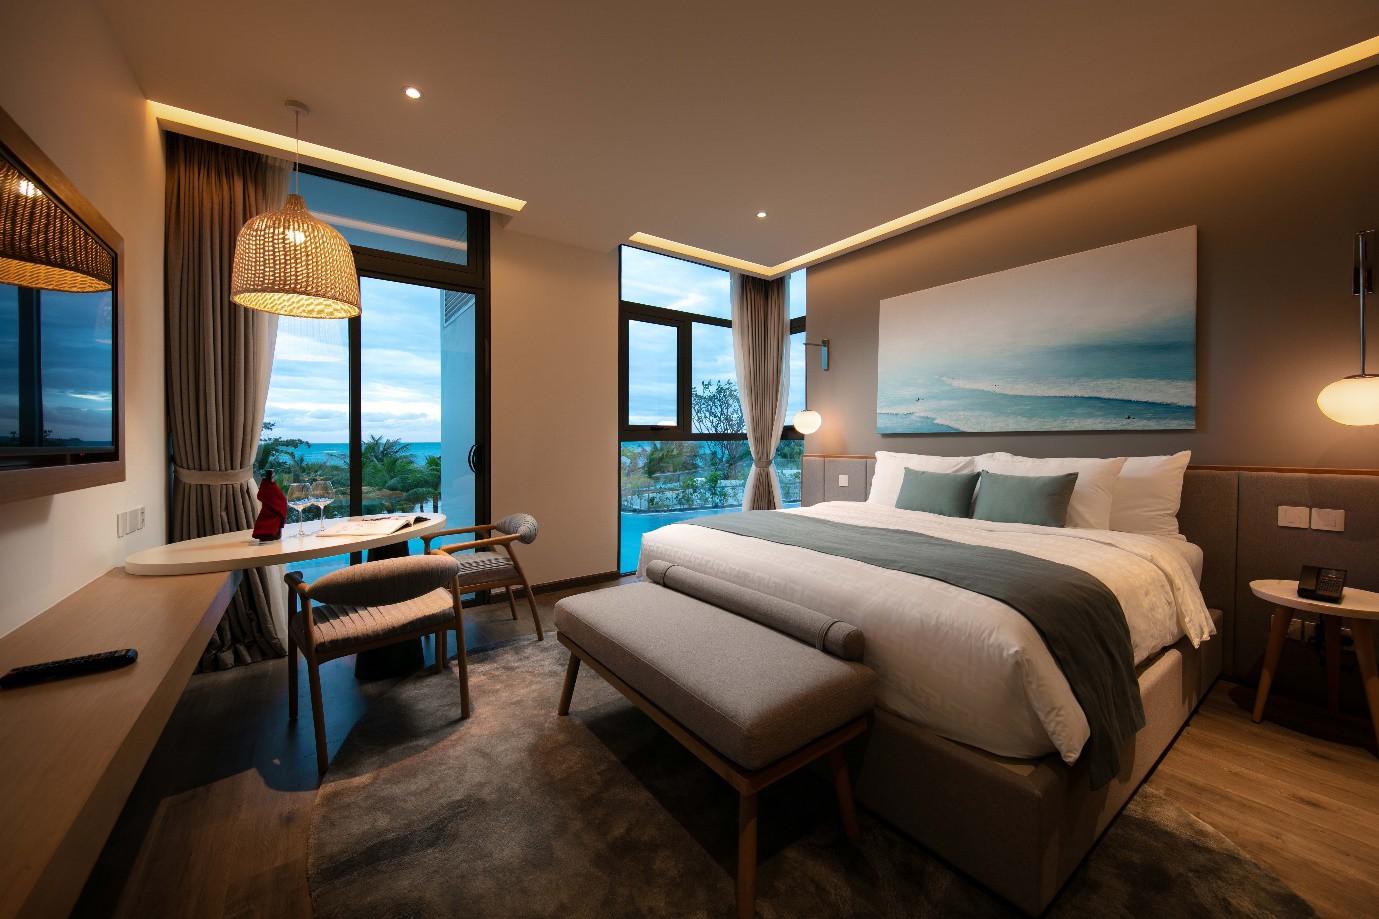 Ưu đãi cực hấp dẫn cho kỳ nghỉ đẳng cấp 5* tại Premier Residences Phu Quoc Emerald Bay - Ảnh 1.